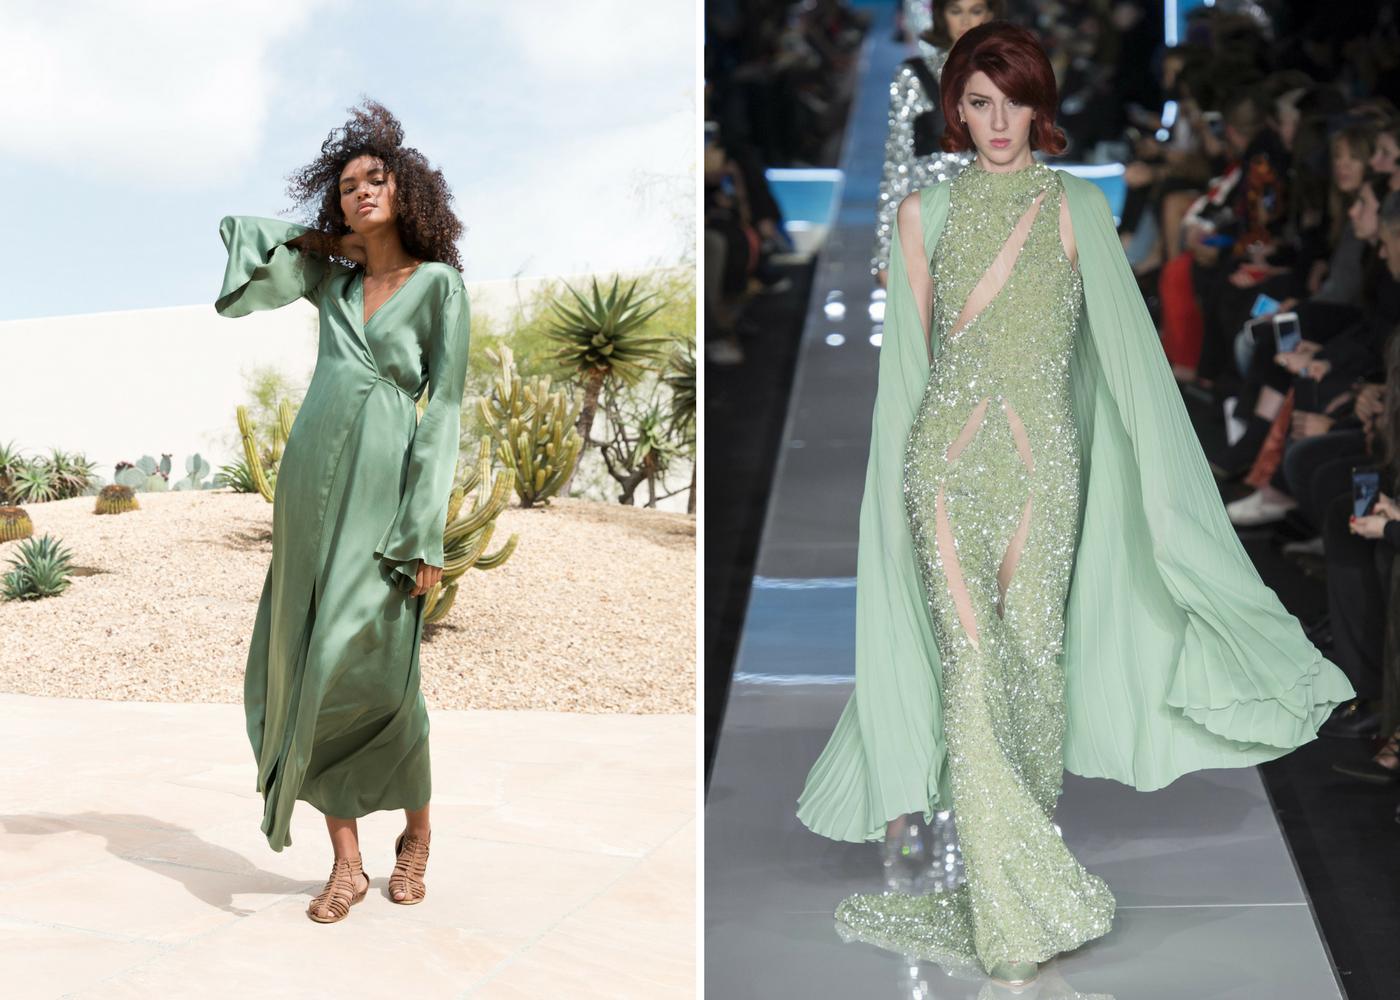 Hemlock Green Fashion Runway Dresses Moschino and Awaveawake